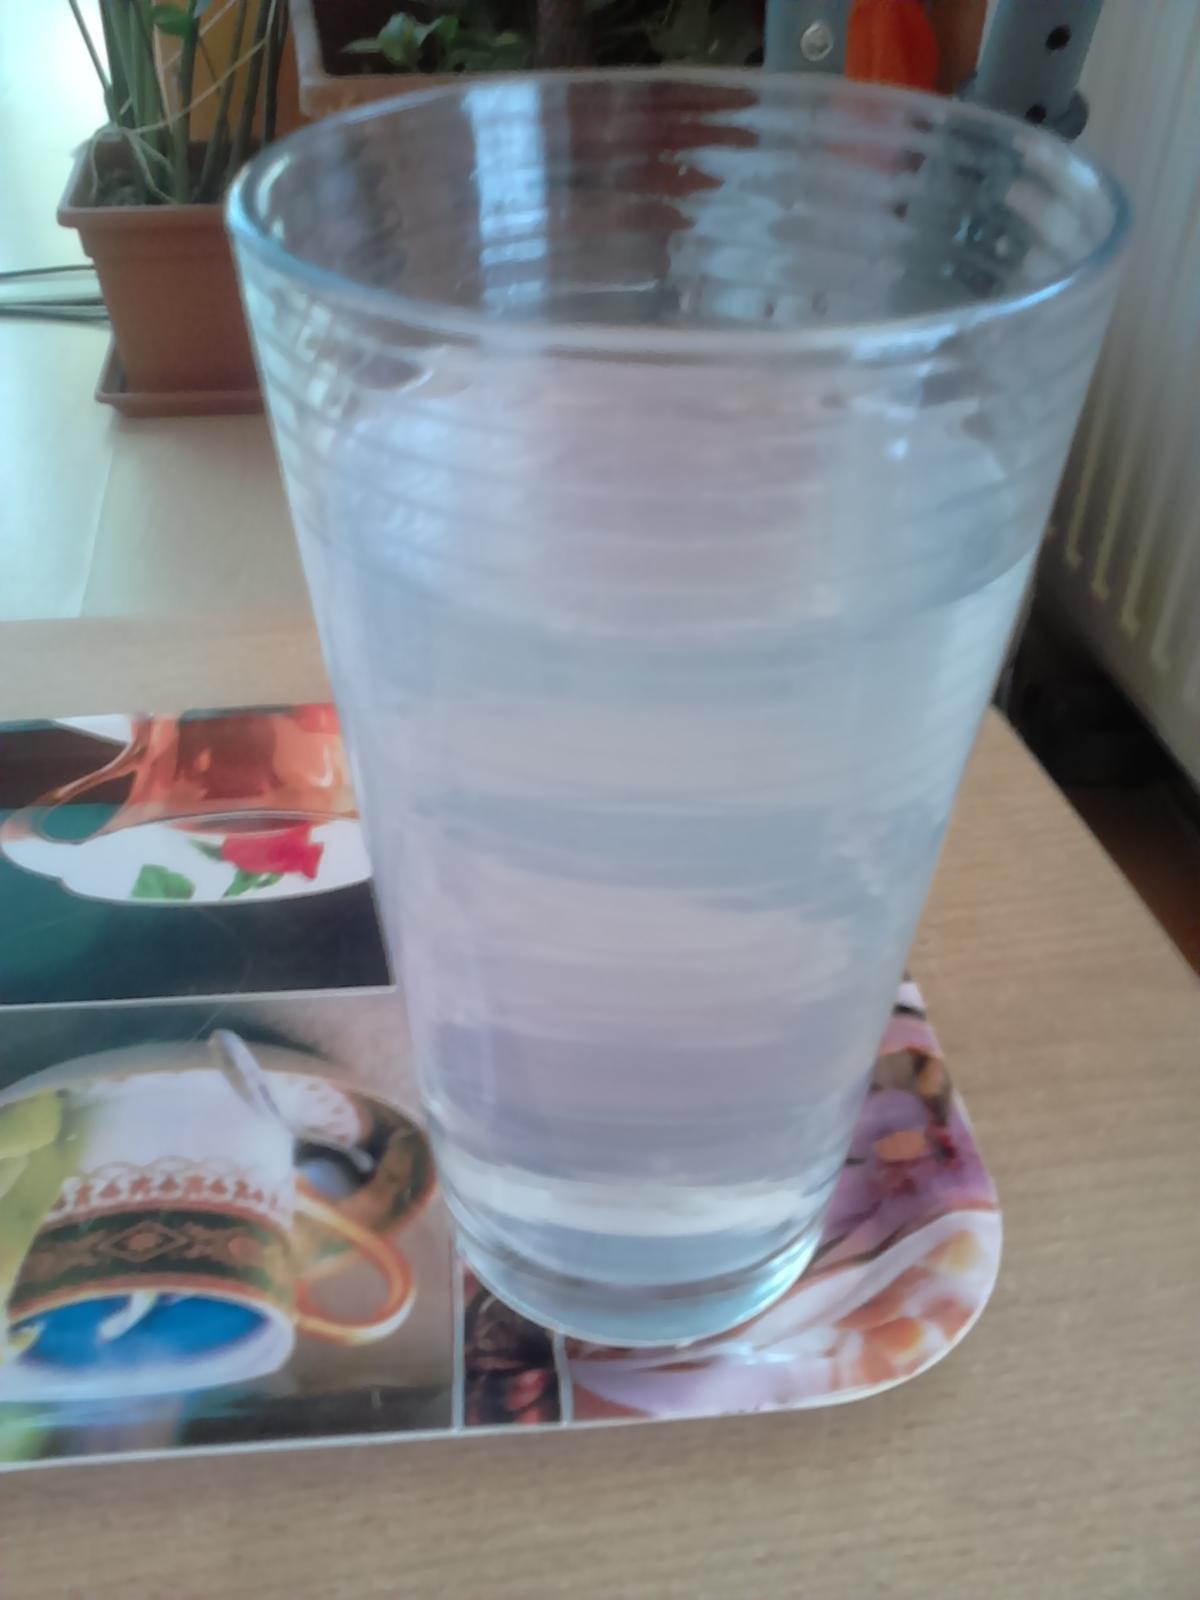 Ideme do boja - Teplá voda s citónom, nech nechutí až tak zle